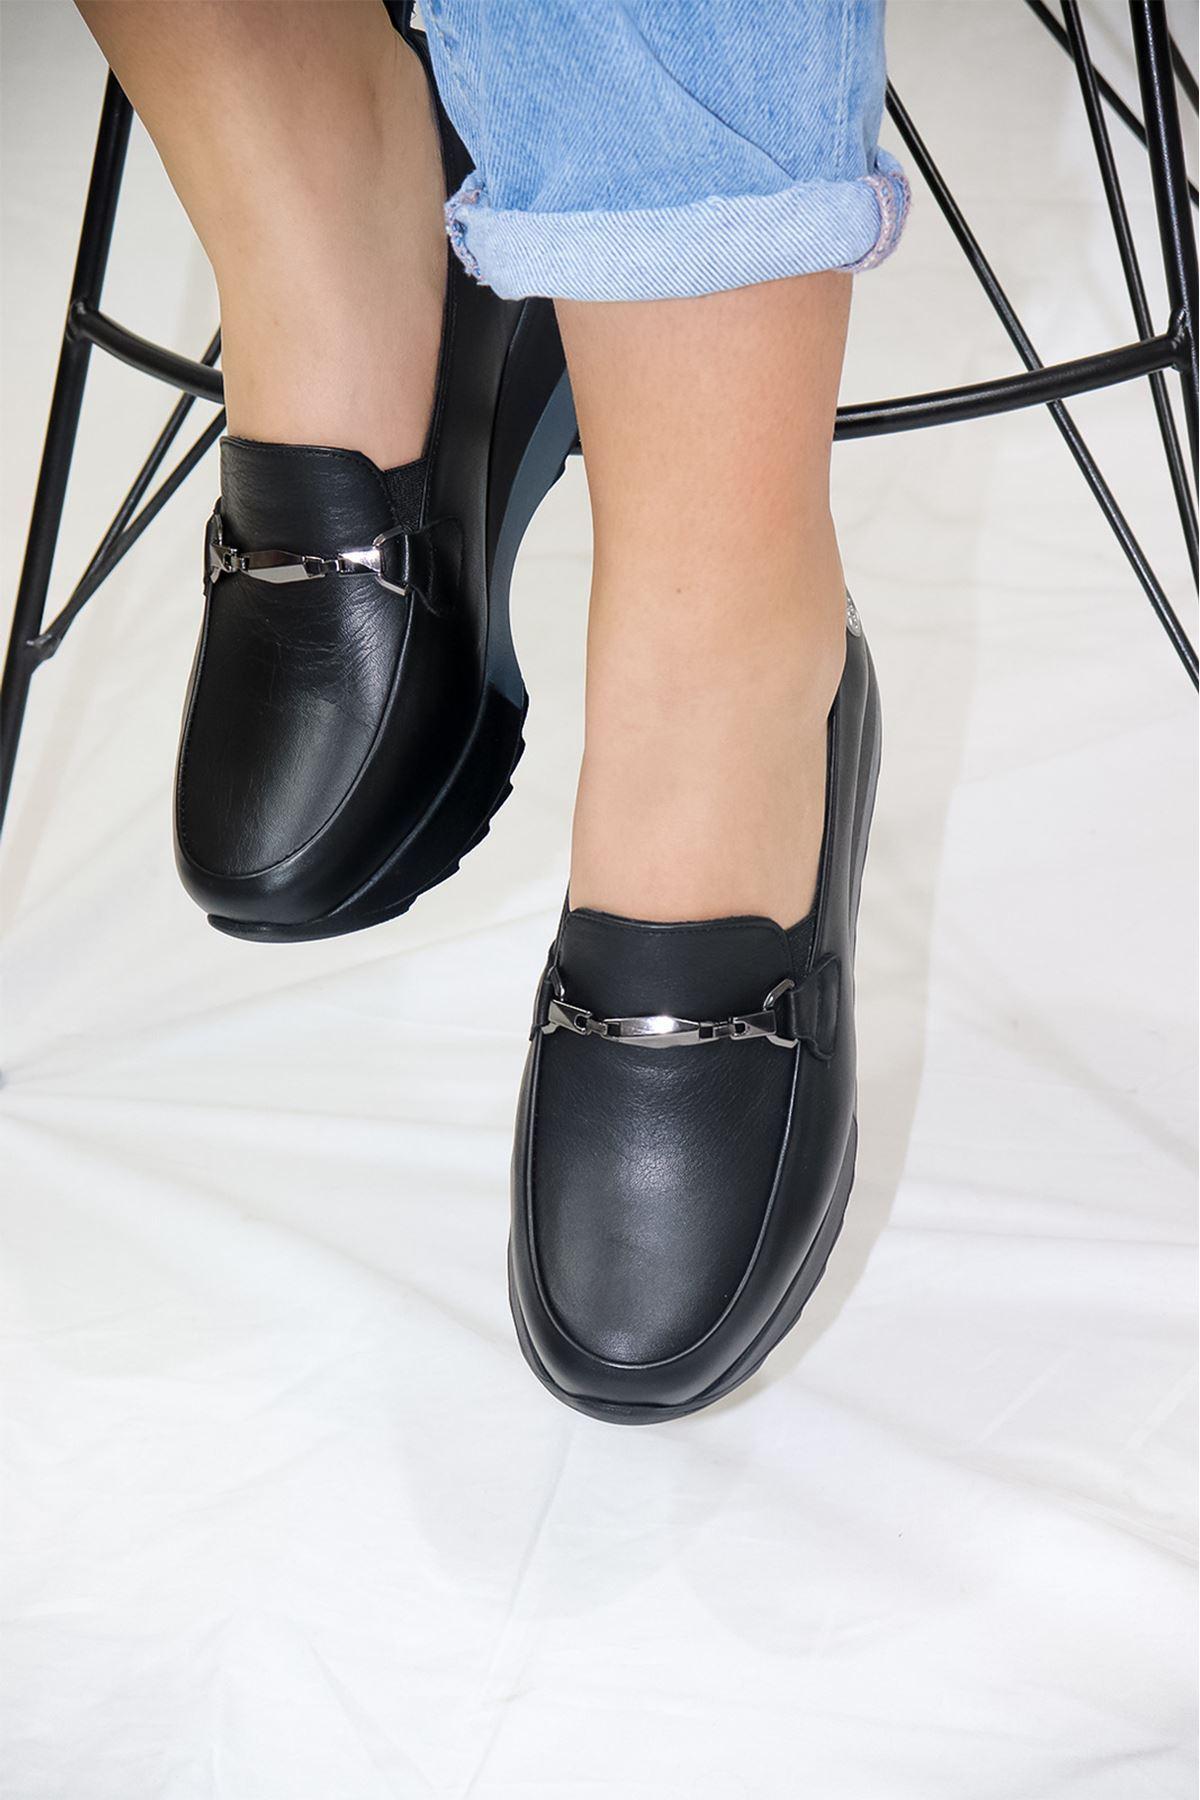 Mammamia - D21YA - 3215-B Siyah Kadın Ayakkabısı